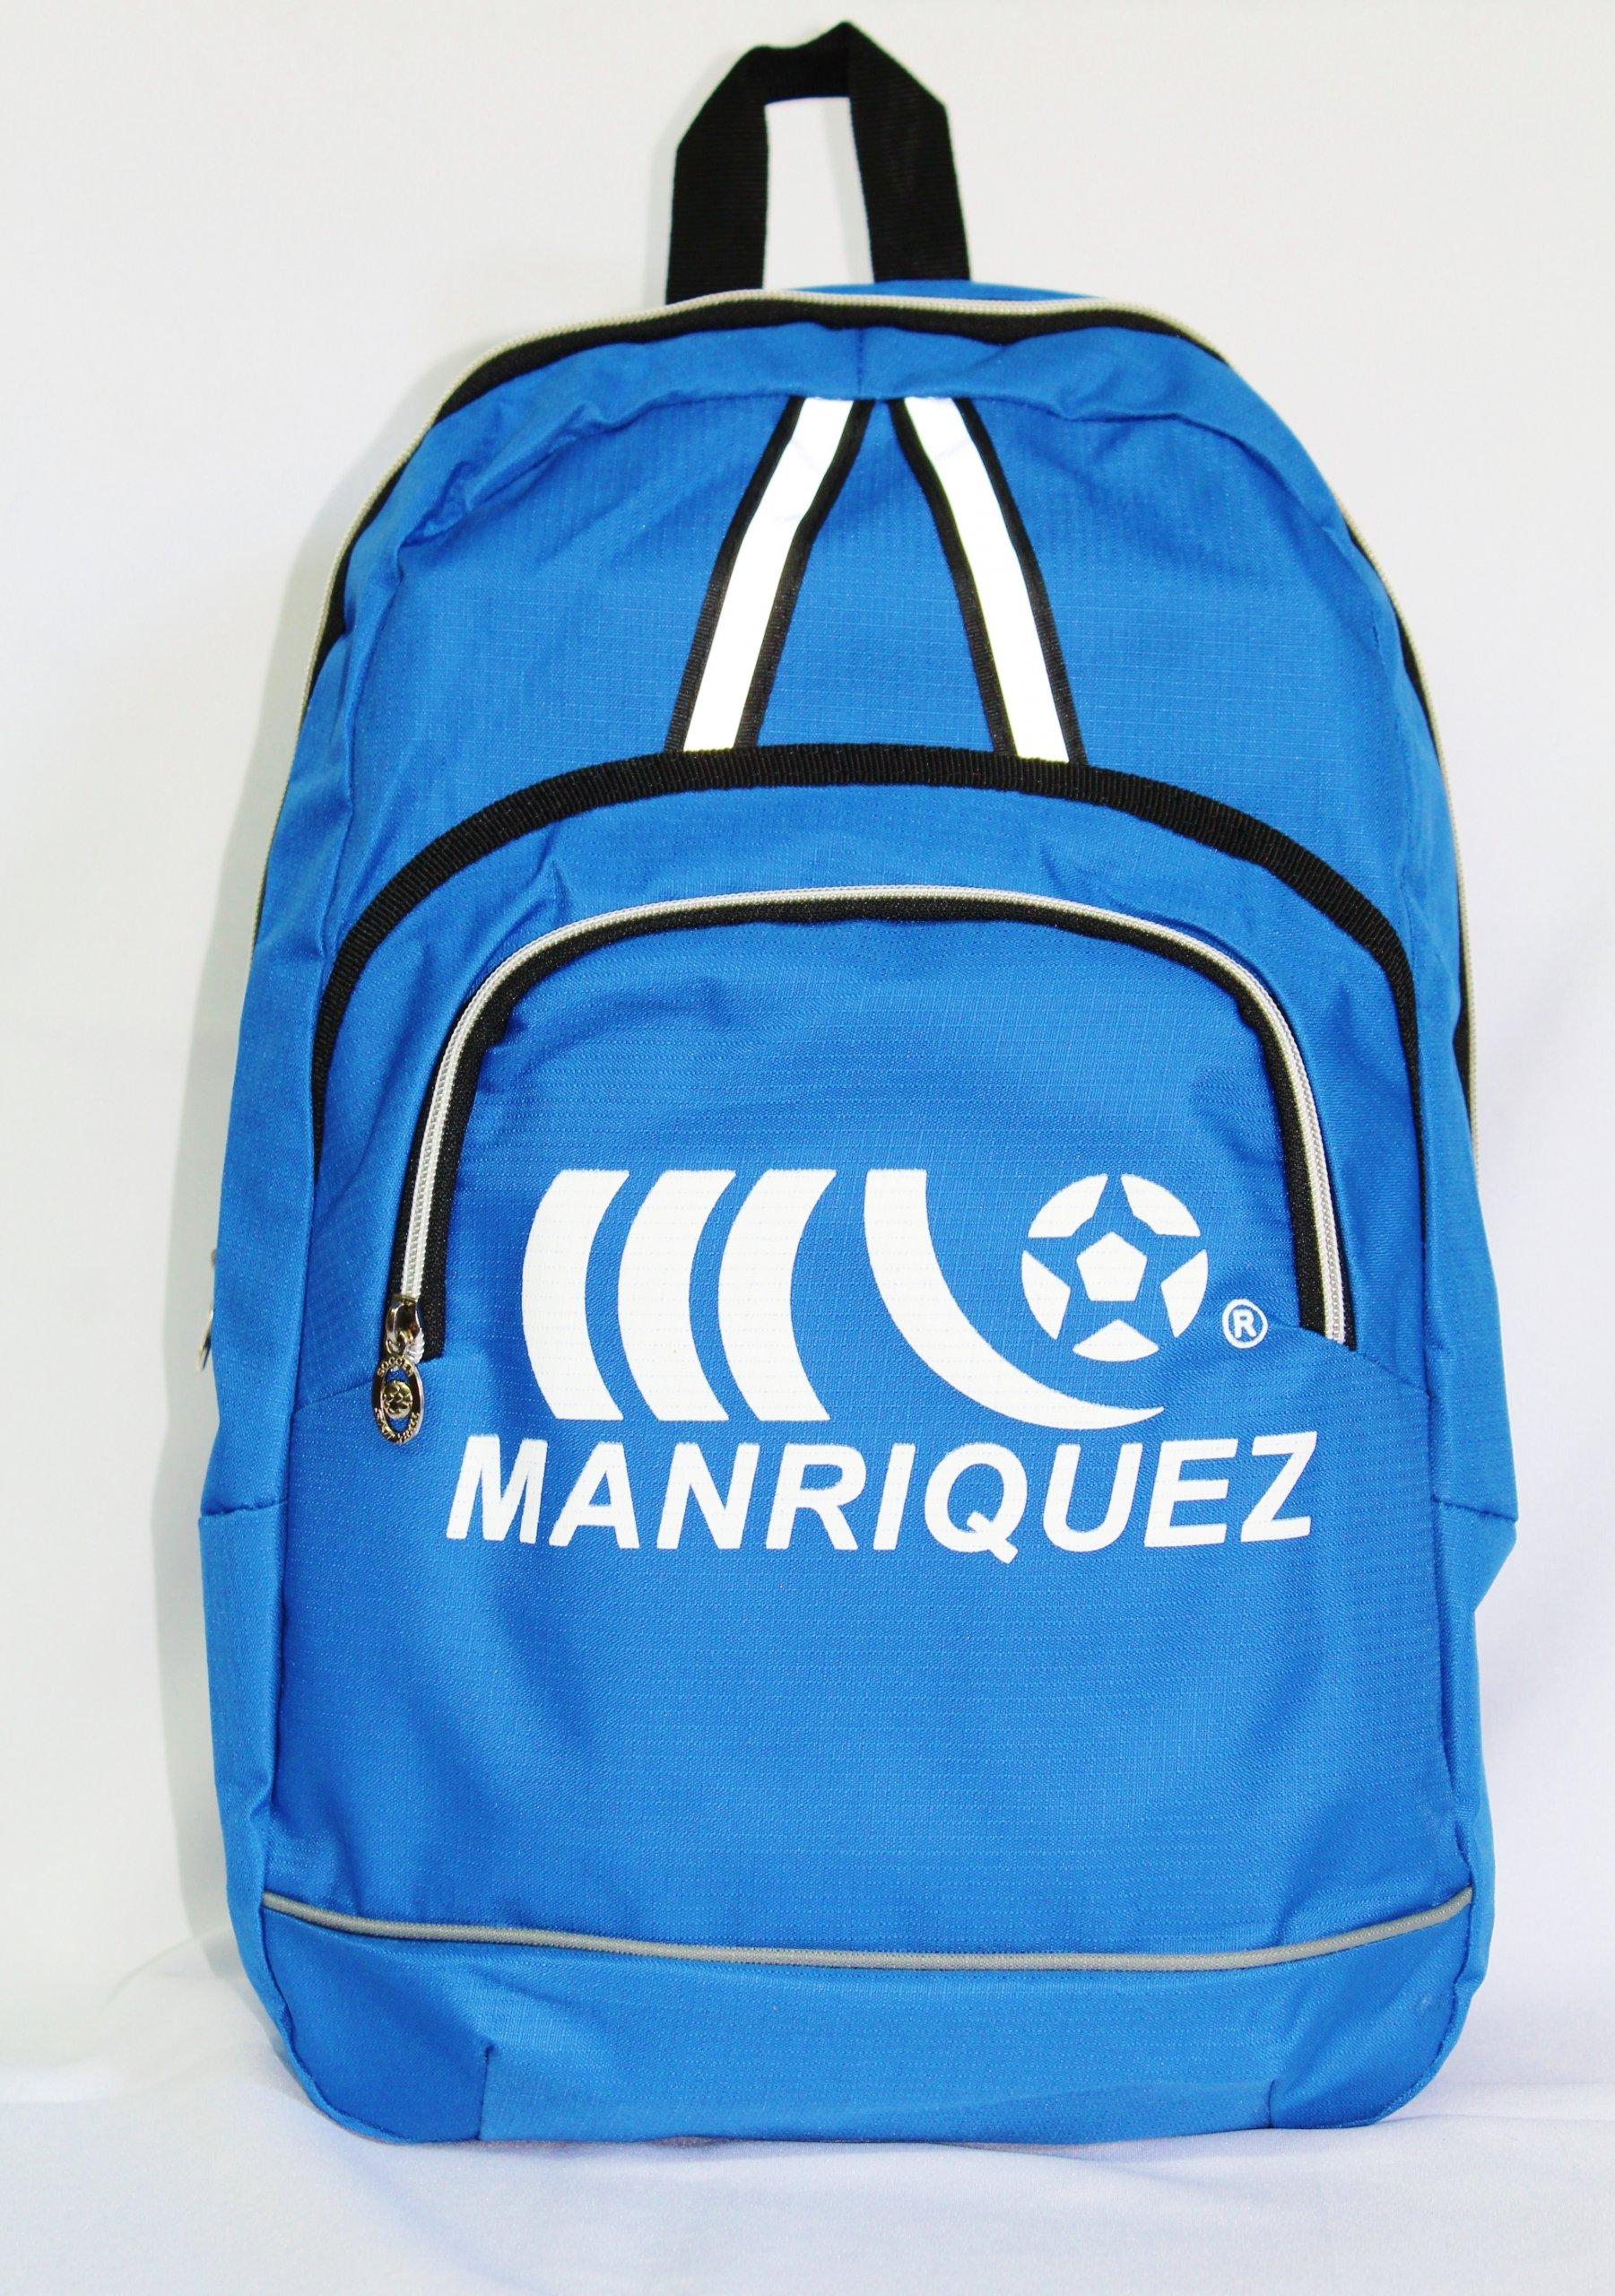 Mochila Bag Pack smart marca Manriquez